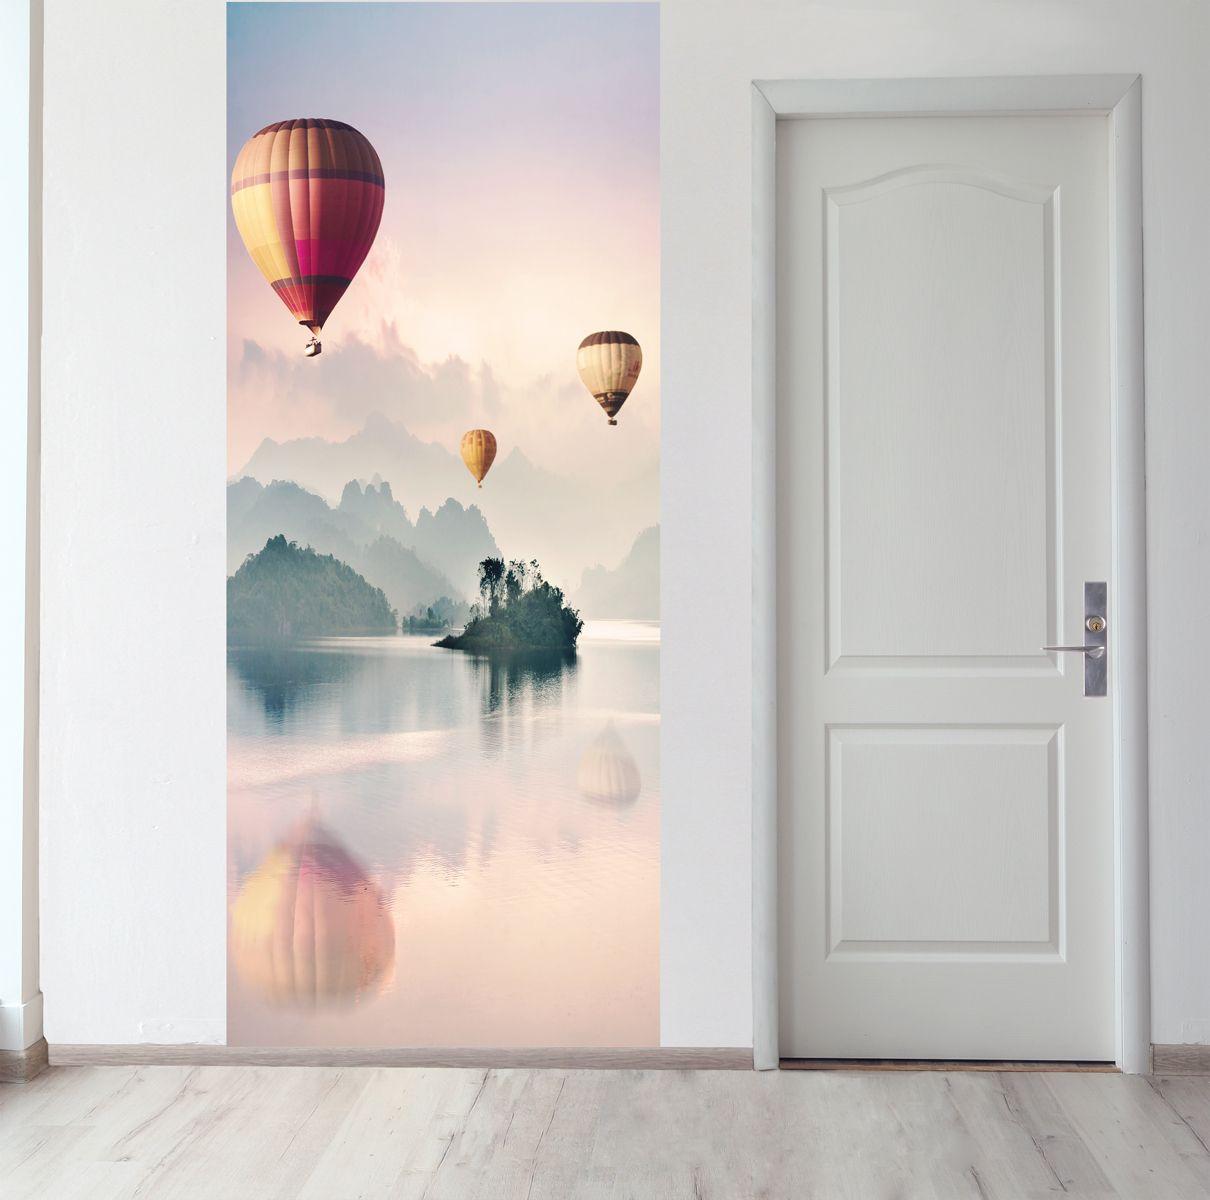 Панно на стену - Воздухоплаватели магазин Интерьерные наклейки